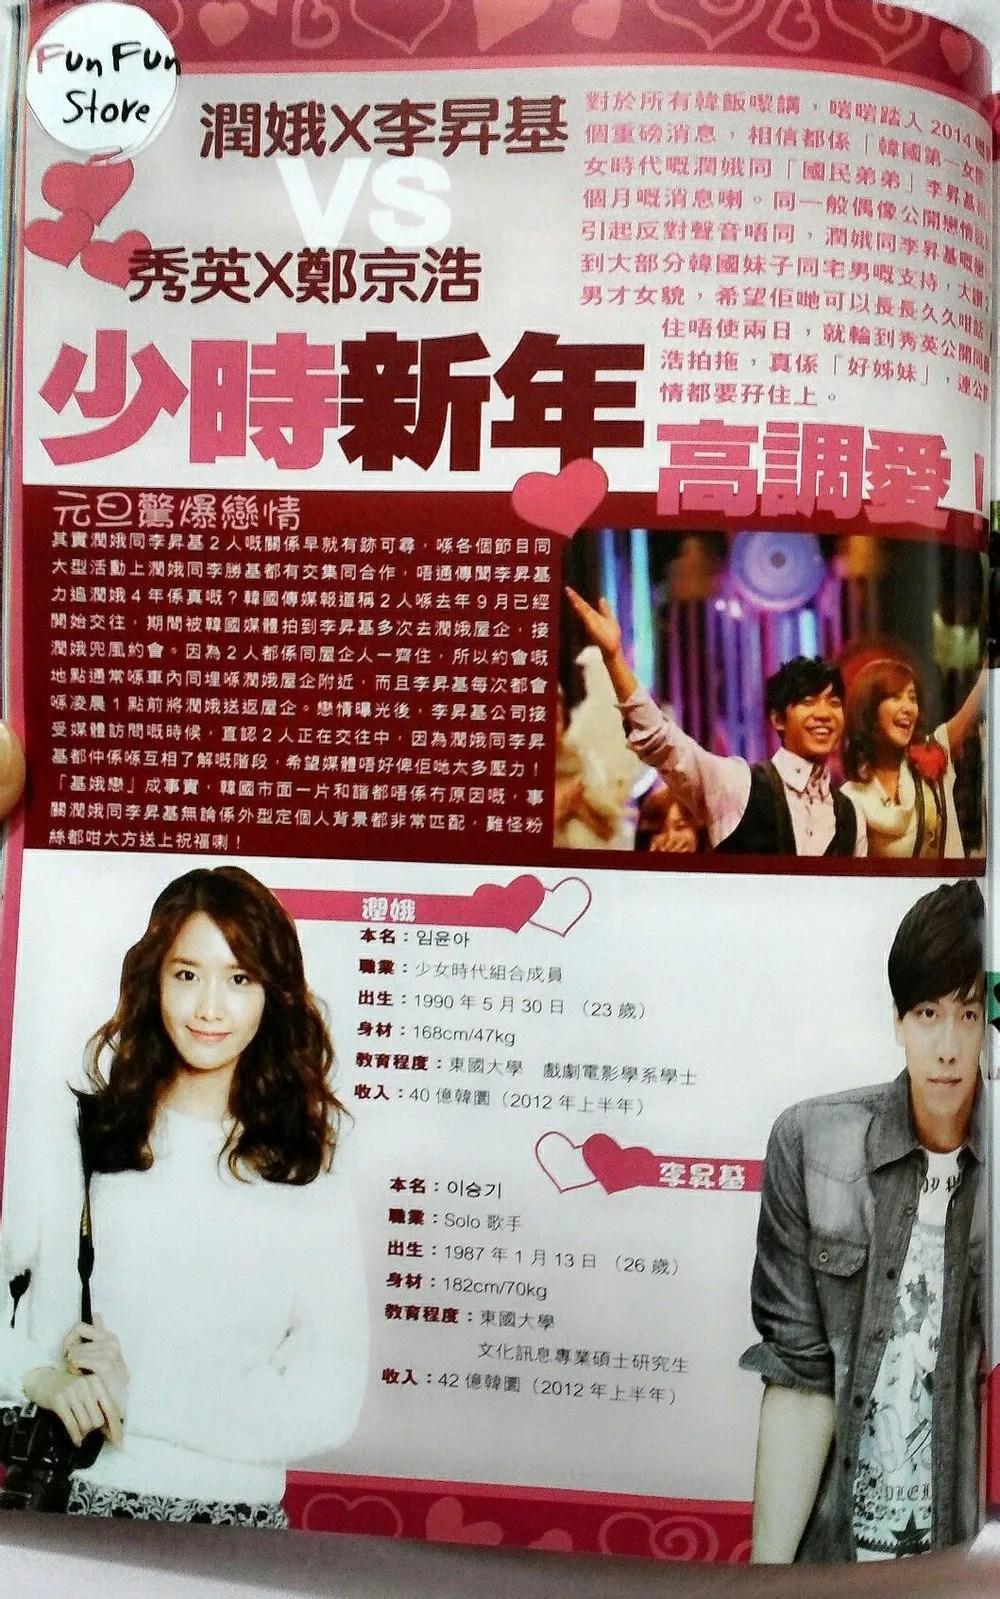 Yoona Seung GI dating allkpop